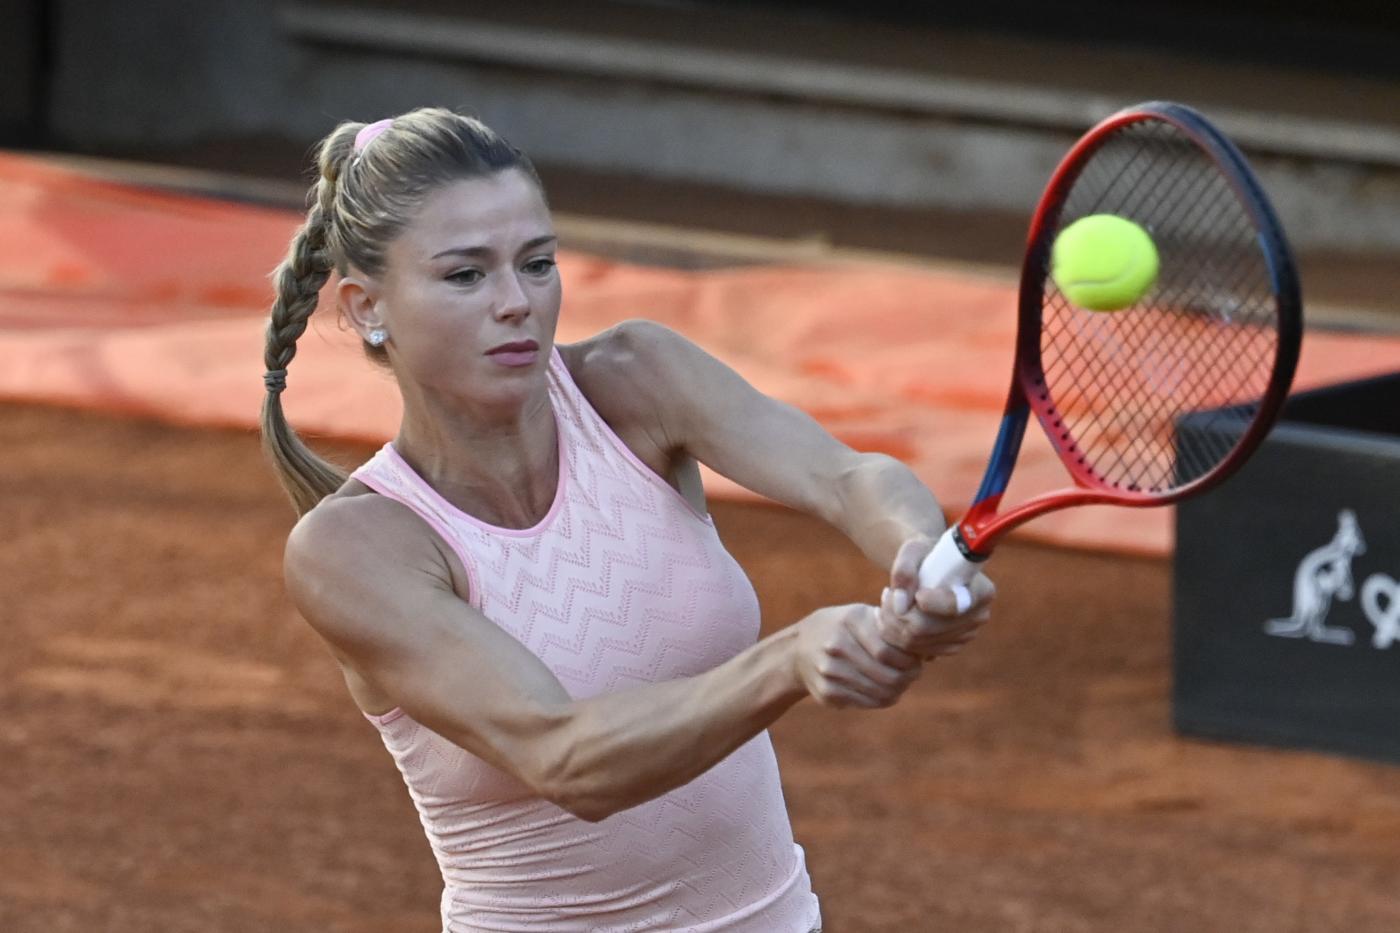 pronostici tennis live oggi Camila Giorgi al primo turno delle Olimpiadi di Tokyo 2020